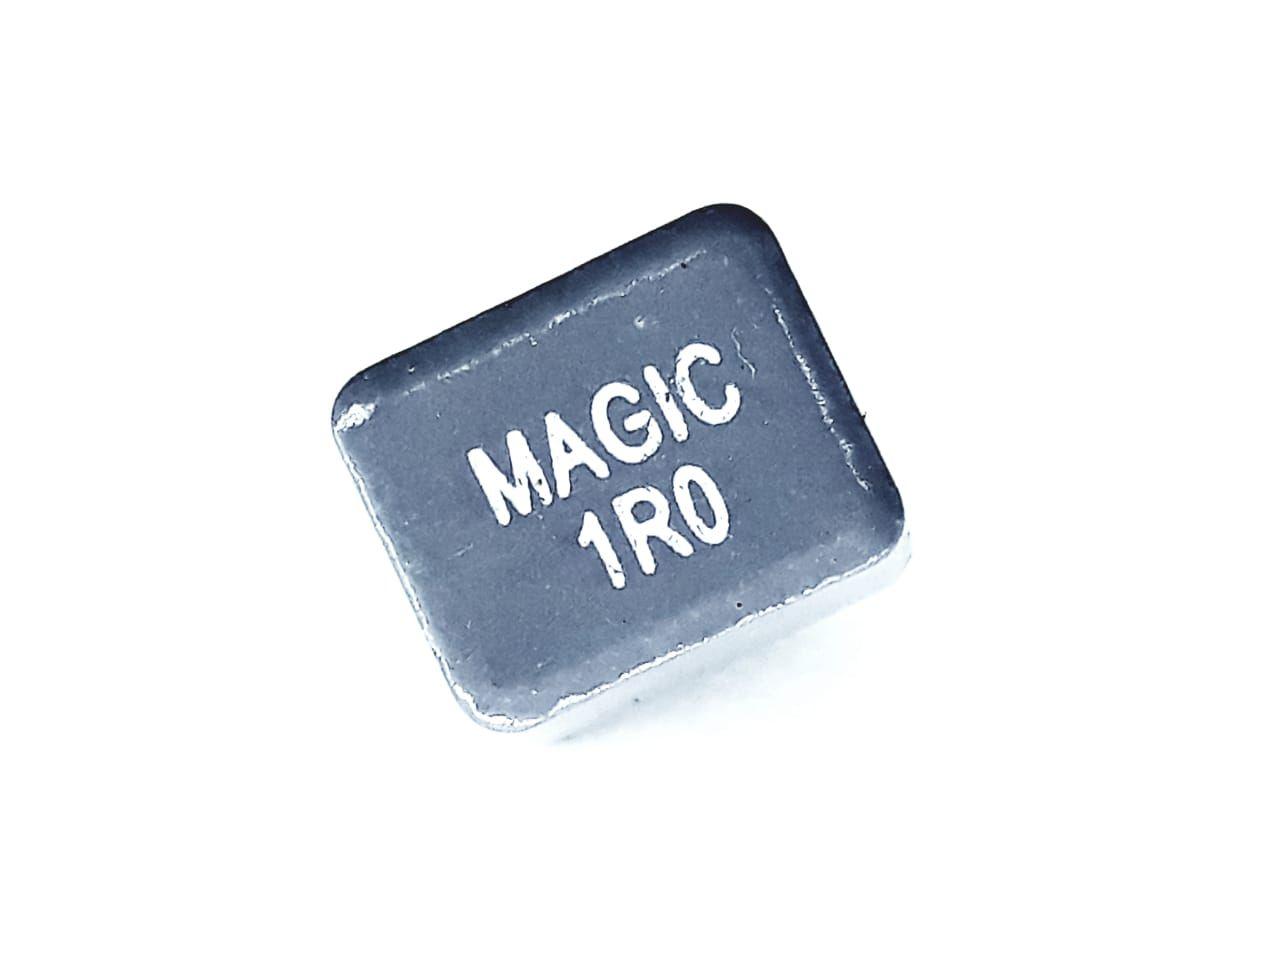 10 Peças Indutor Magic 1r0 Para Placa Ou Notebook